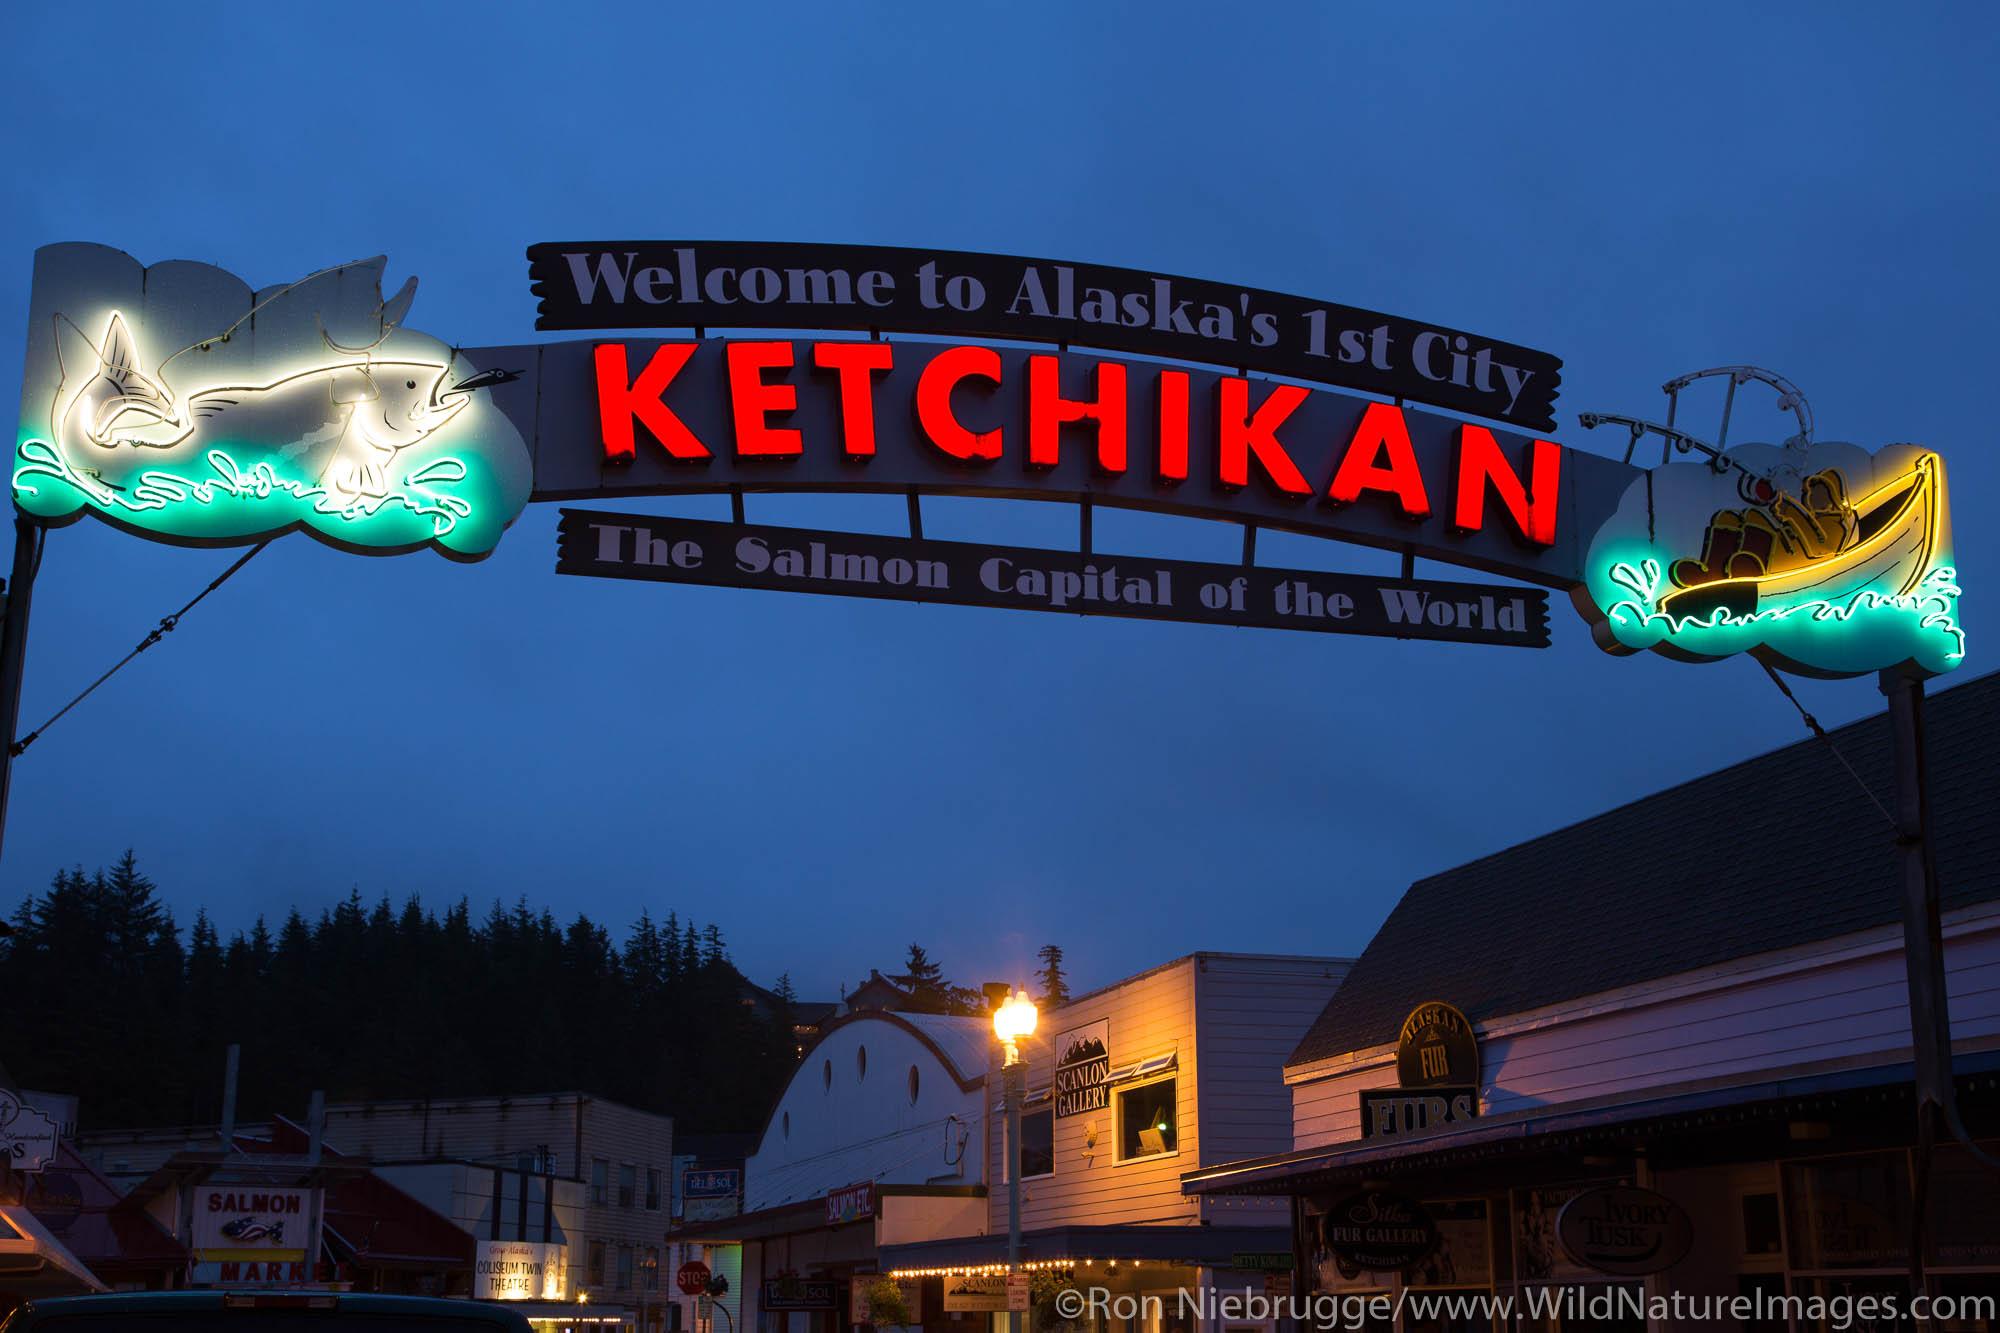 Ketchikan sign, Alaska